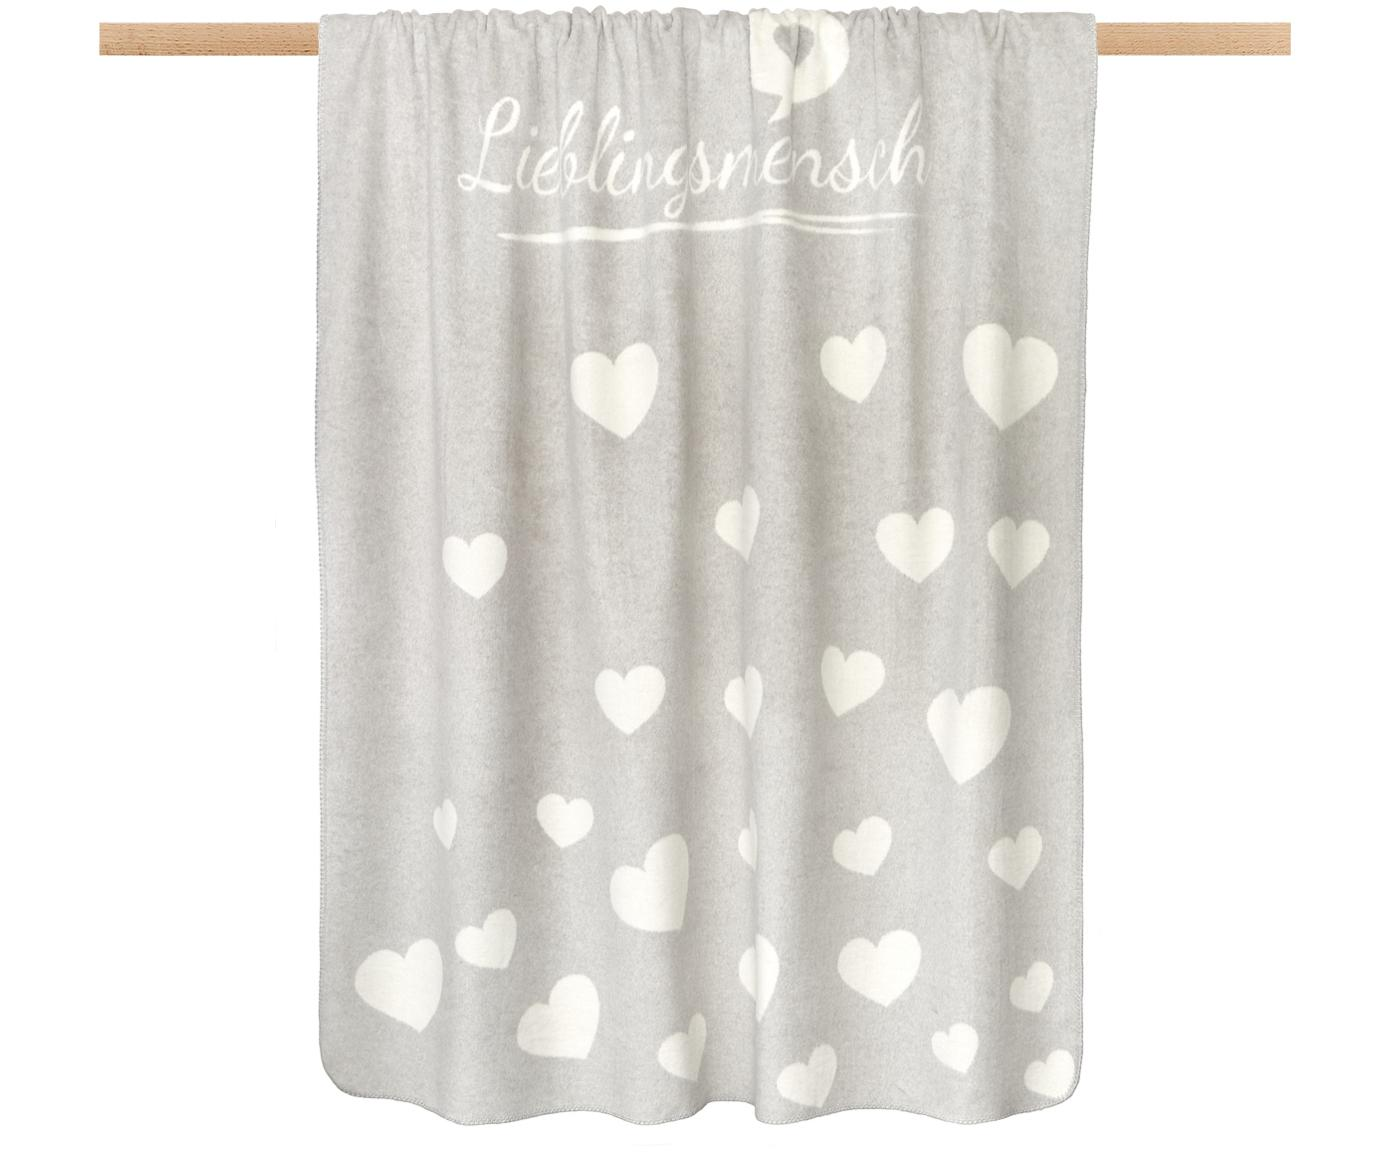 Flauschiges Fleece-Plaid Lieblingsmensch mit Aufschrift und Motiv, 70% Baumwolle, 30% Polyacryl, Grau, gebrochenes Weiß, 150 x 200 cm